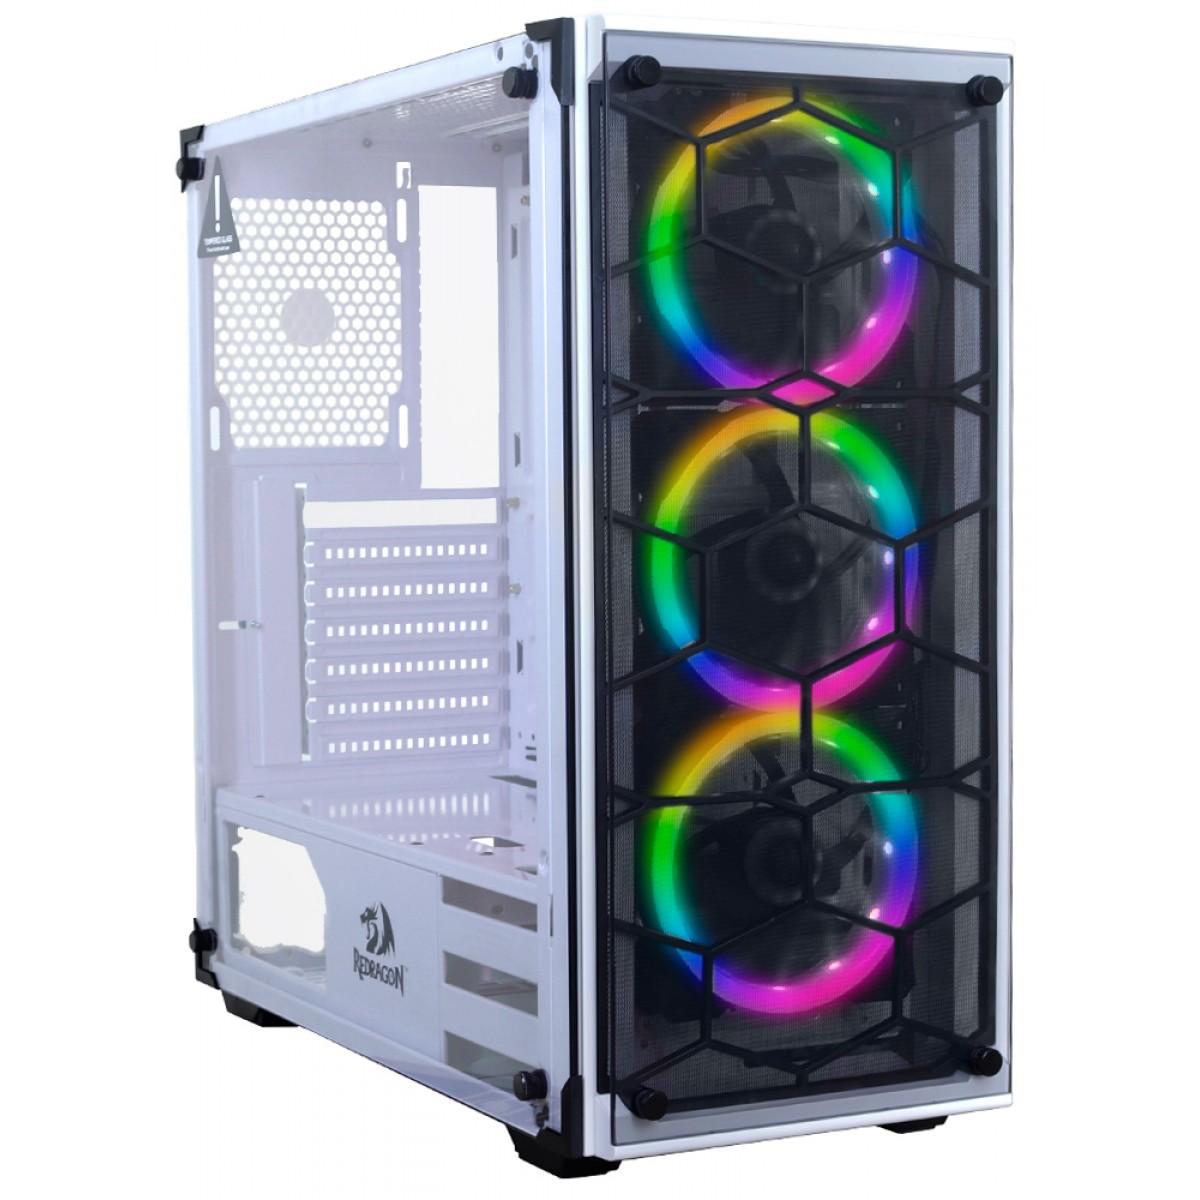 Pc Gamer T-Blade LVL-1 Intel Core i5 10400F / Radeon RX 570 4GB / DDR4 8GB / HD 1TB / 500W